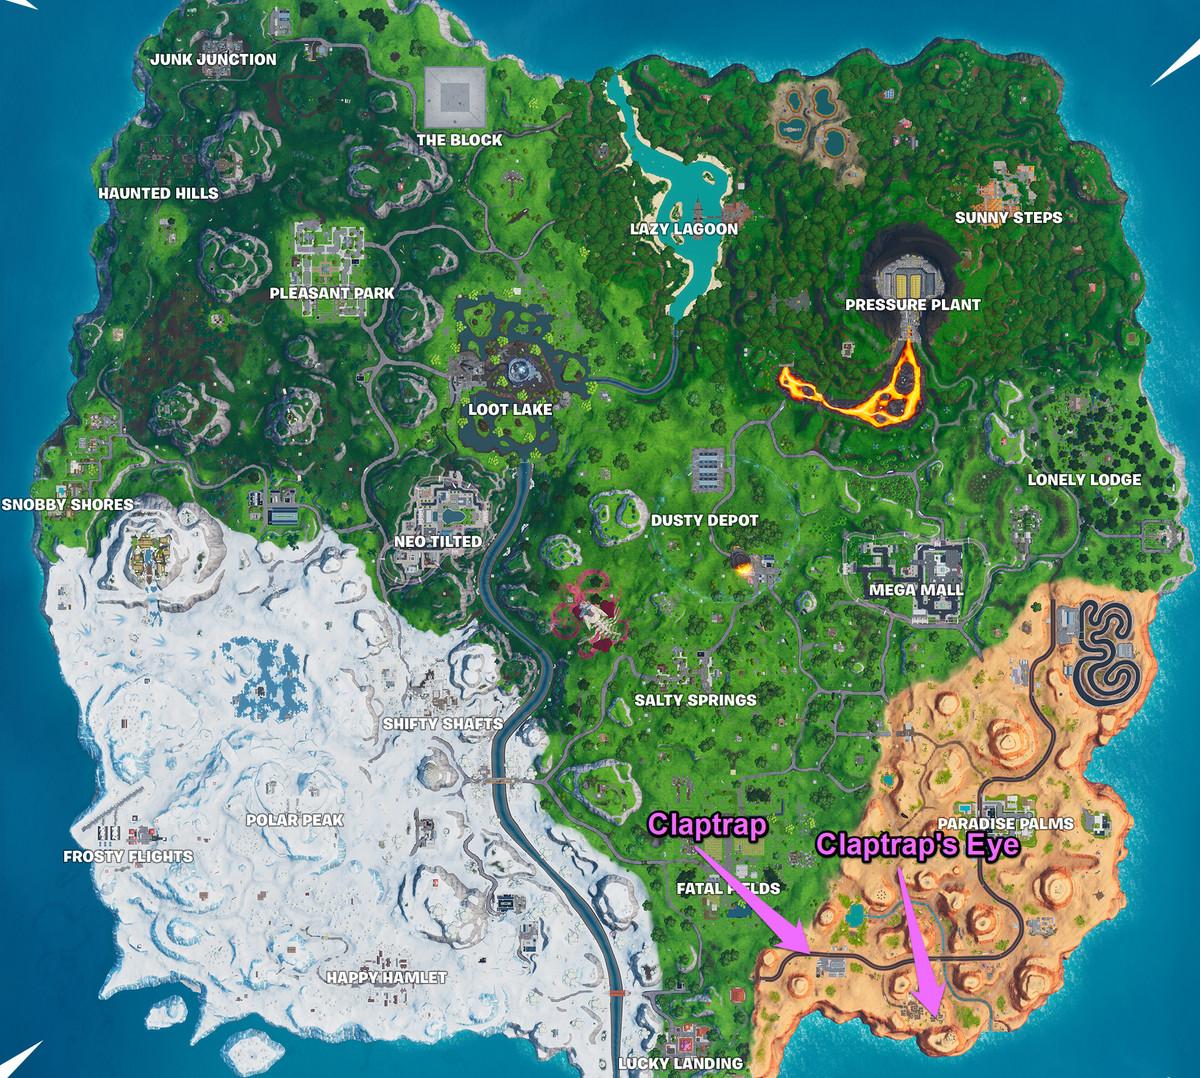 ا Fortnite الخريطة مع تحديد موقع علامة كلابتراب وعين كلابتراب